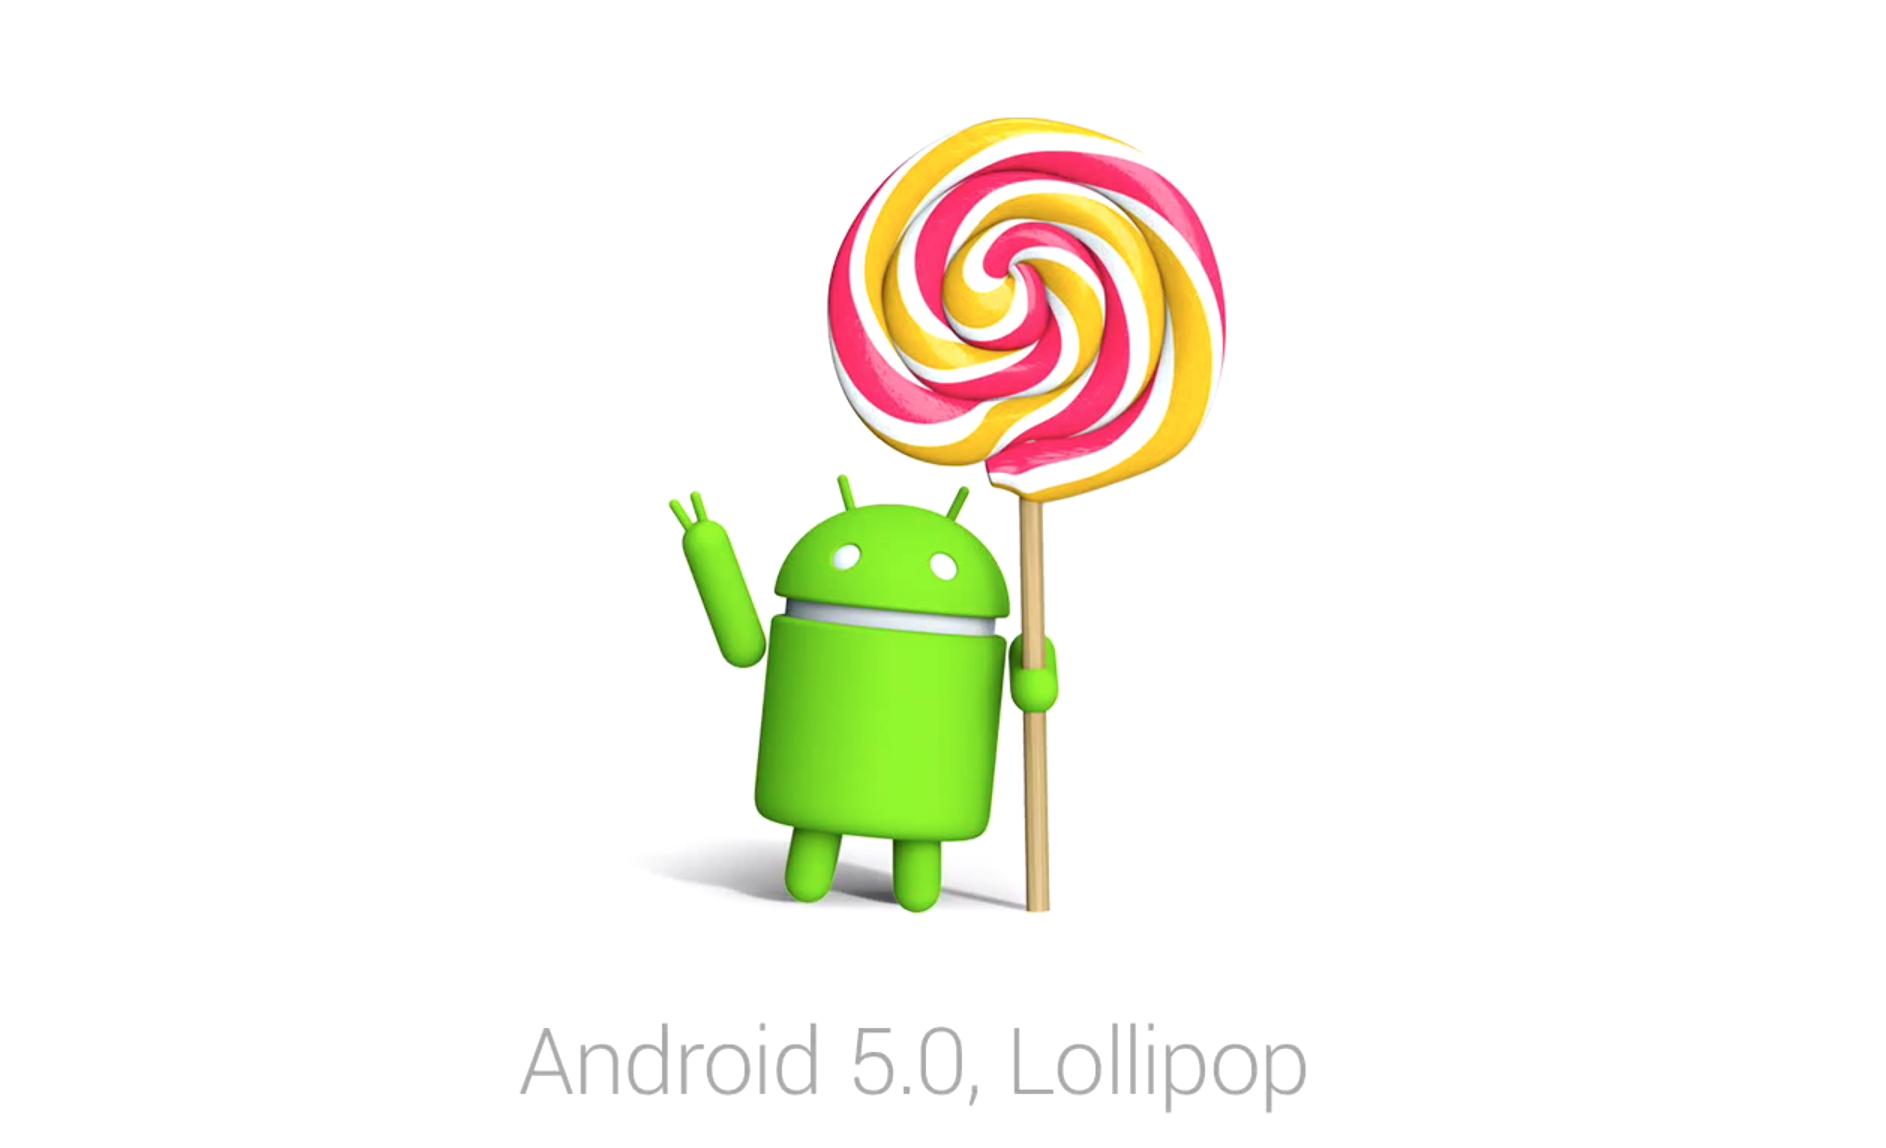 Android Lollipop ya es la versión más usada, Marshmallow por detrás de  Gingerbread